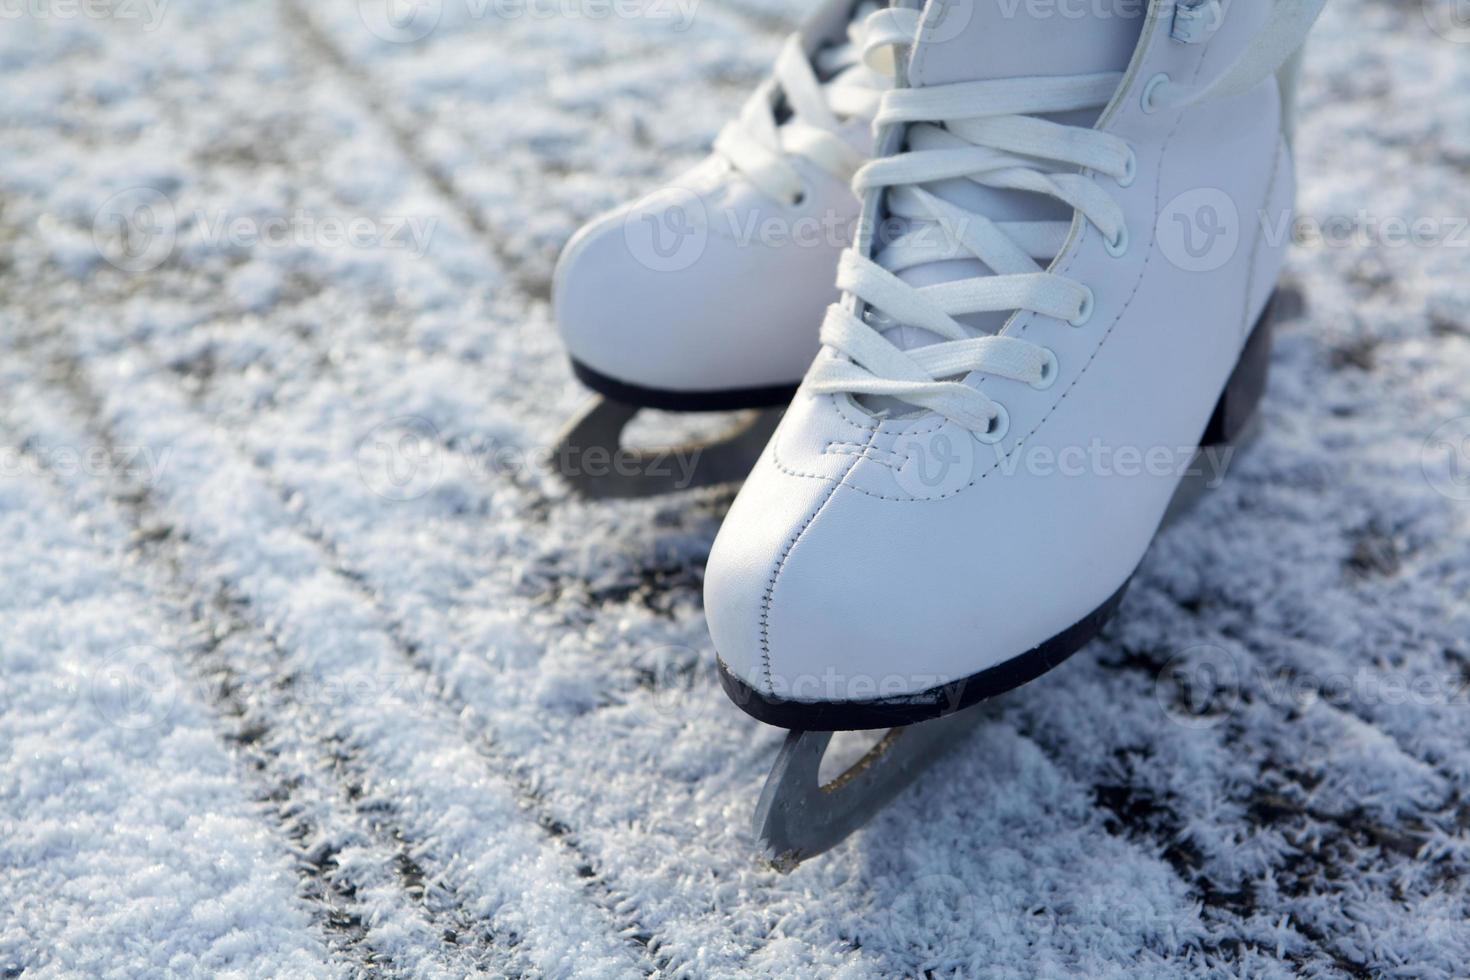 figure skates on ice photo